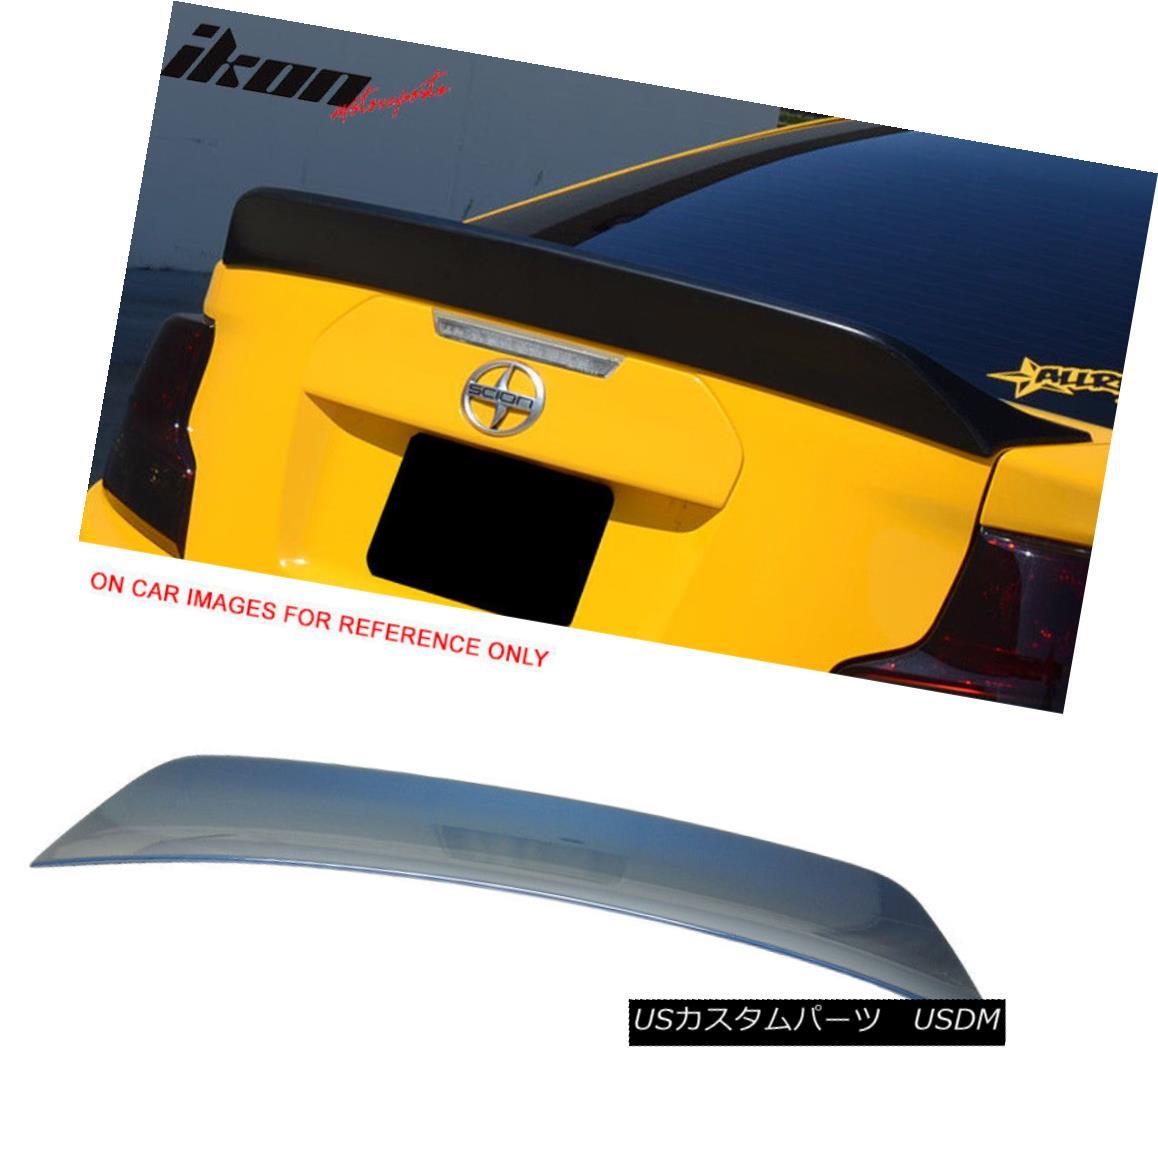 エアロパーツ 11-15 TC RS Style Painted # 8S6 Nautical Blue Metallic Trunk Spoiler - ABS 11-15 TC RSスタイルペイント#8S6海洋ブルーメタリックトランクスポイラー - ABS